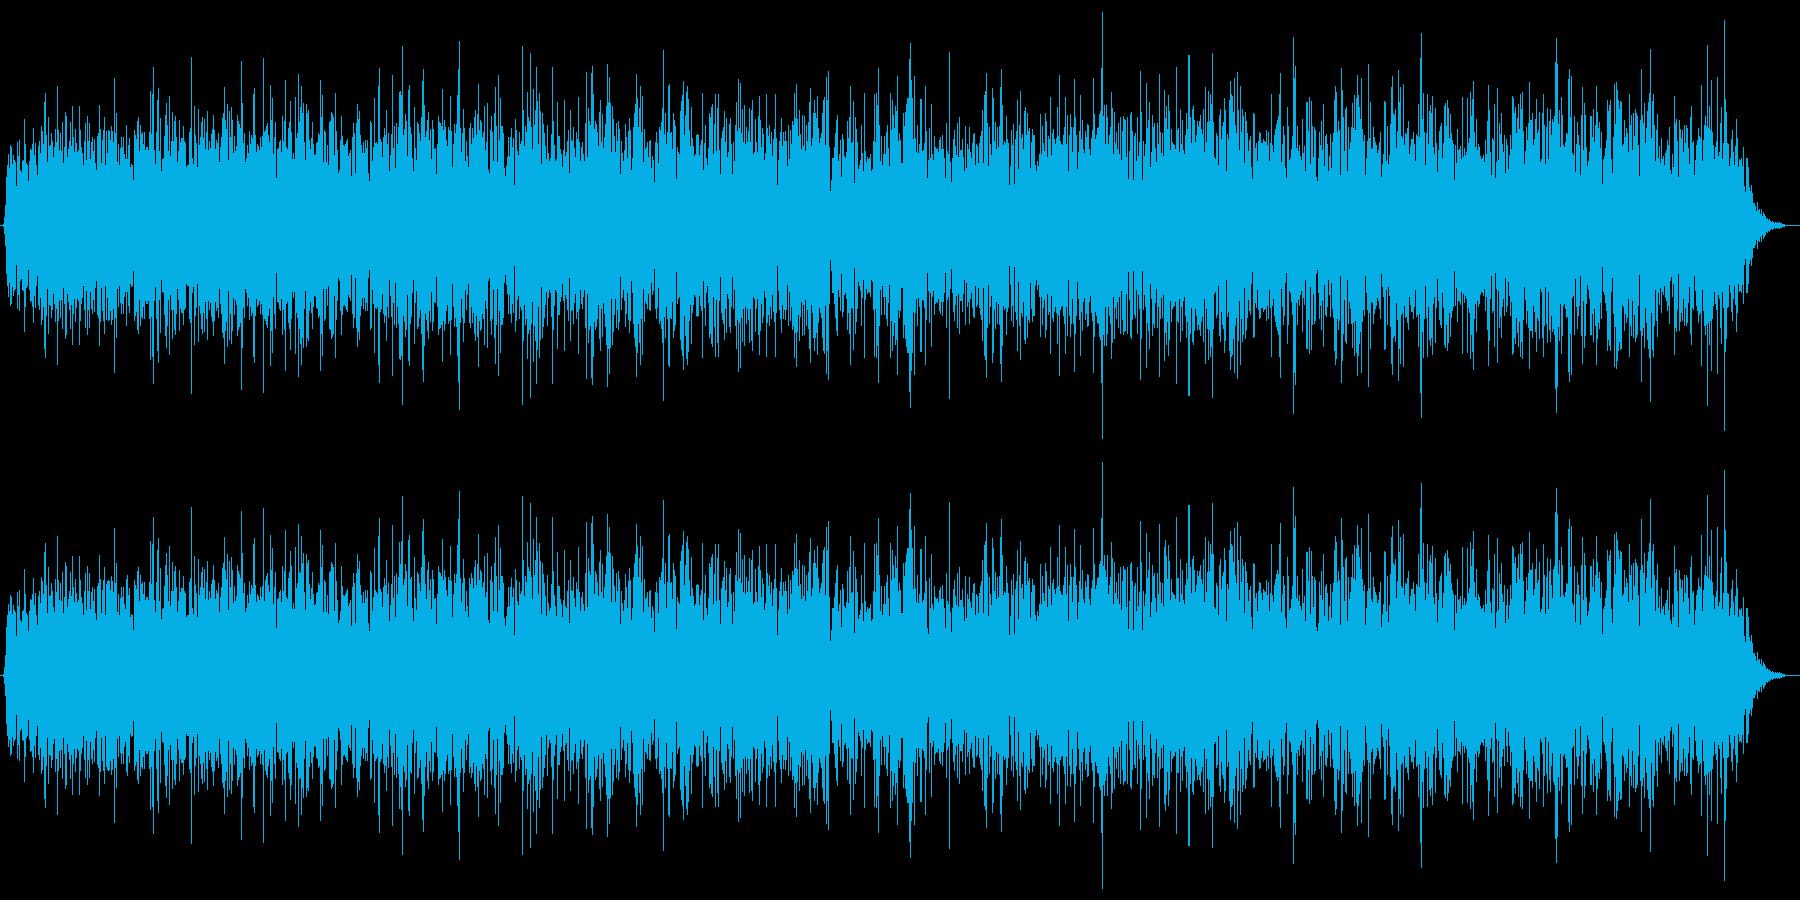 特撮にありそうな光線音の再生済みの波形